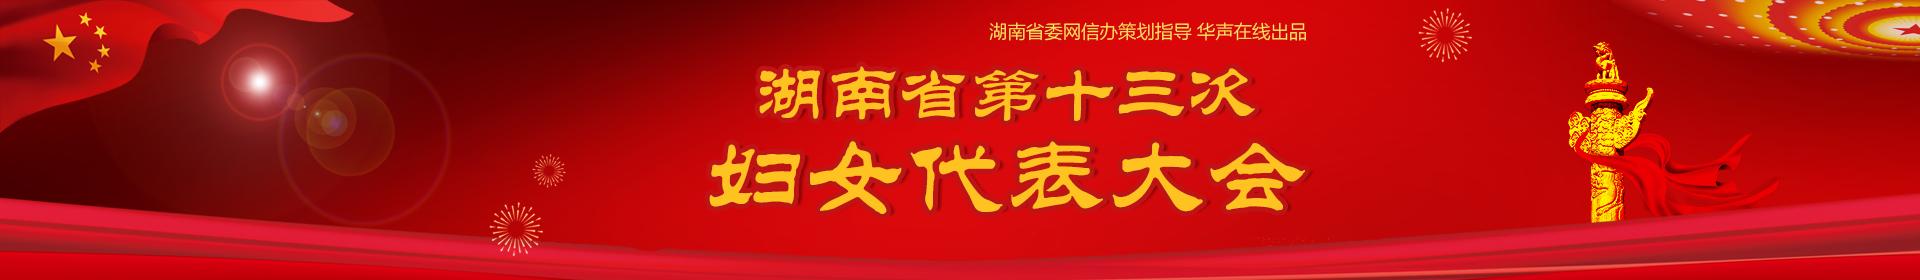 湖南省第十三次妇女代表大会